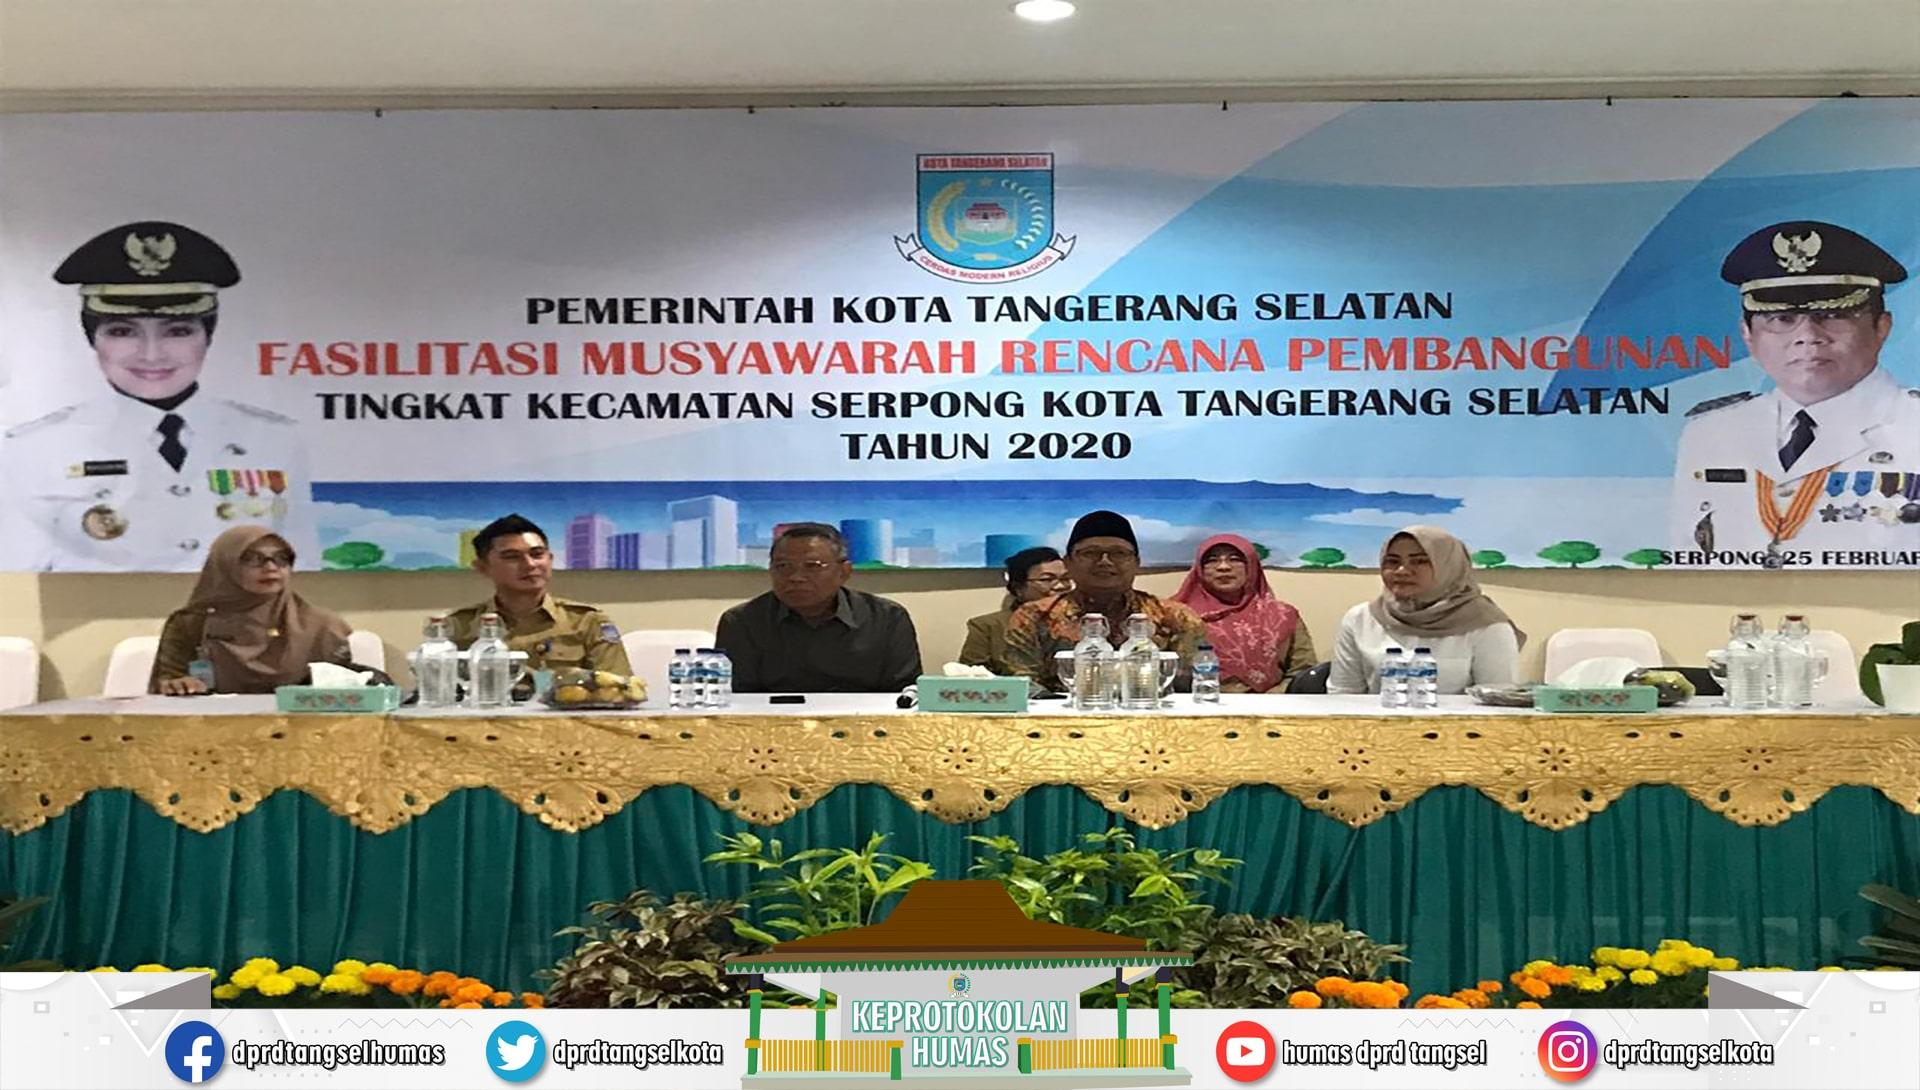 Ketua DPRD menghadiri Kegiatan Musrenbang Tingkat Kecamatan Serpong